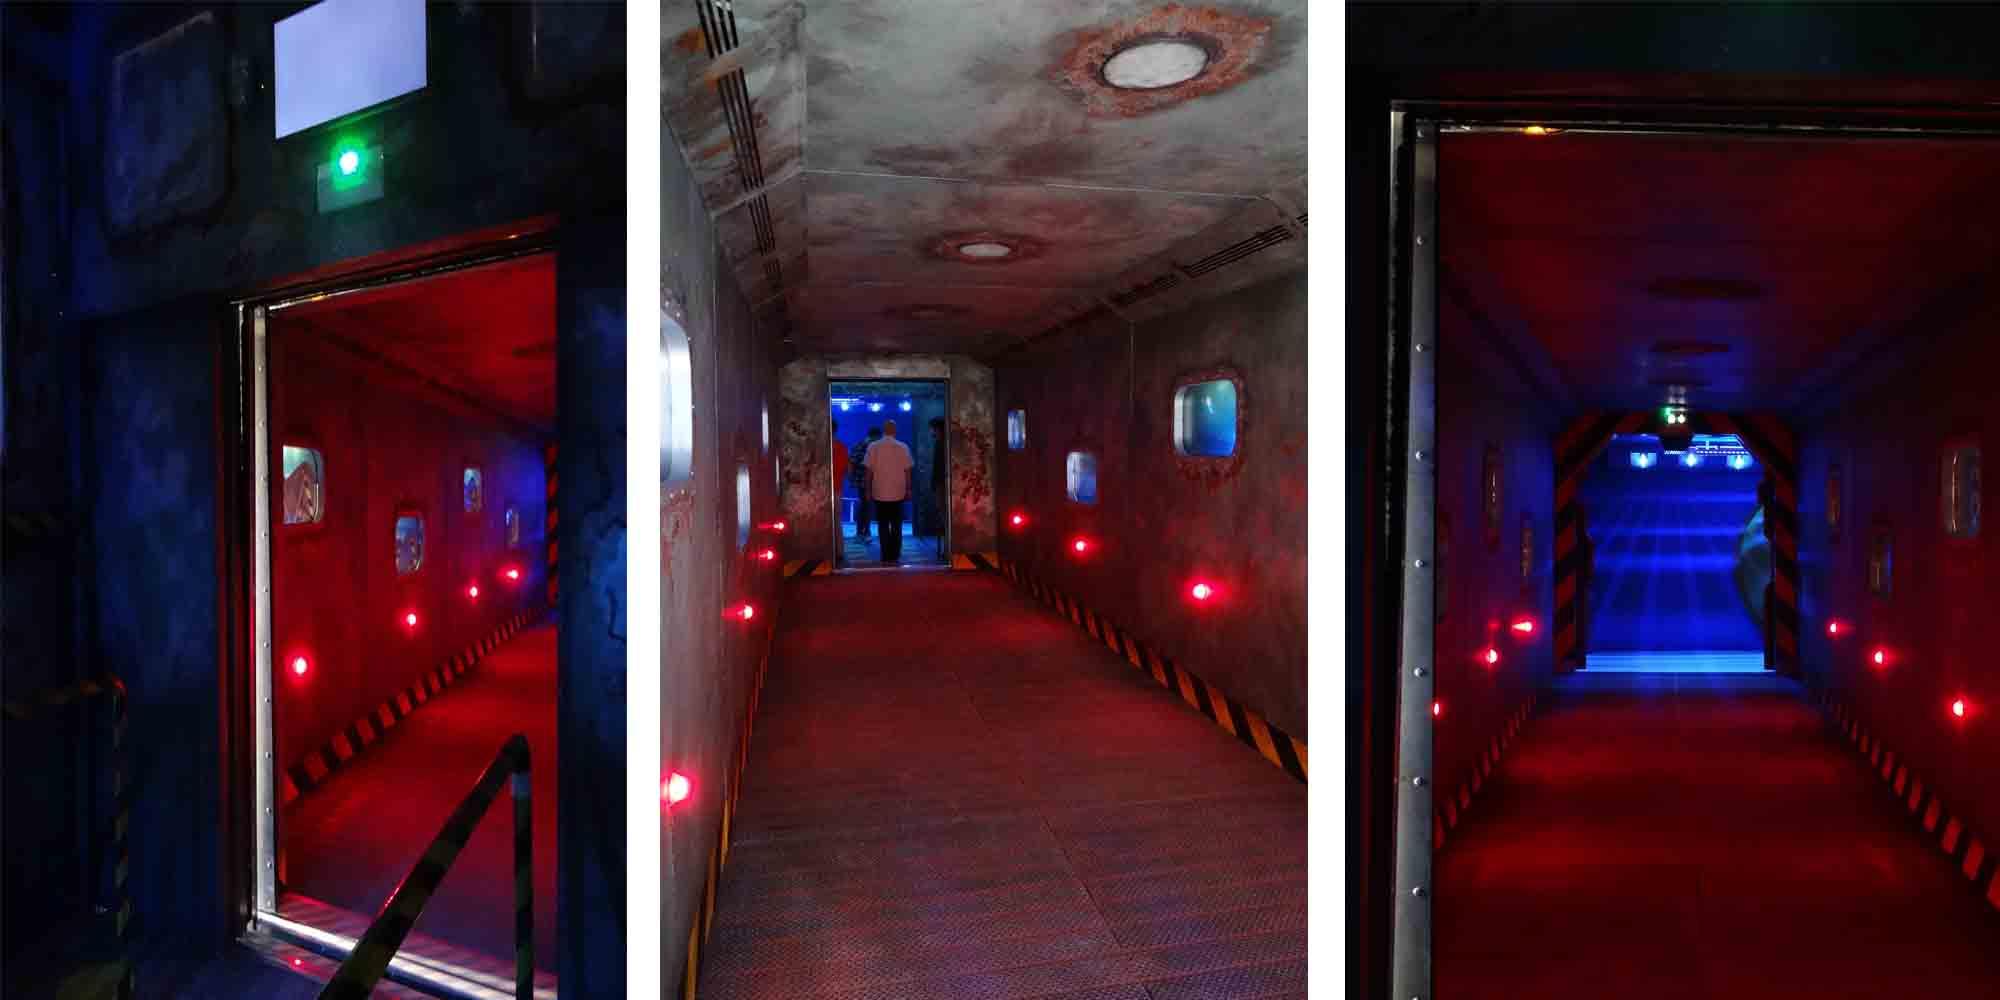 mise en décor du couloir d'accès à l'attraction pour une mise en ambiance de visiteur de l'Abyssal Descender